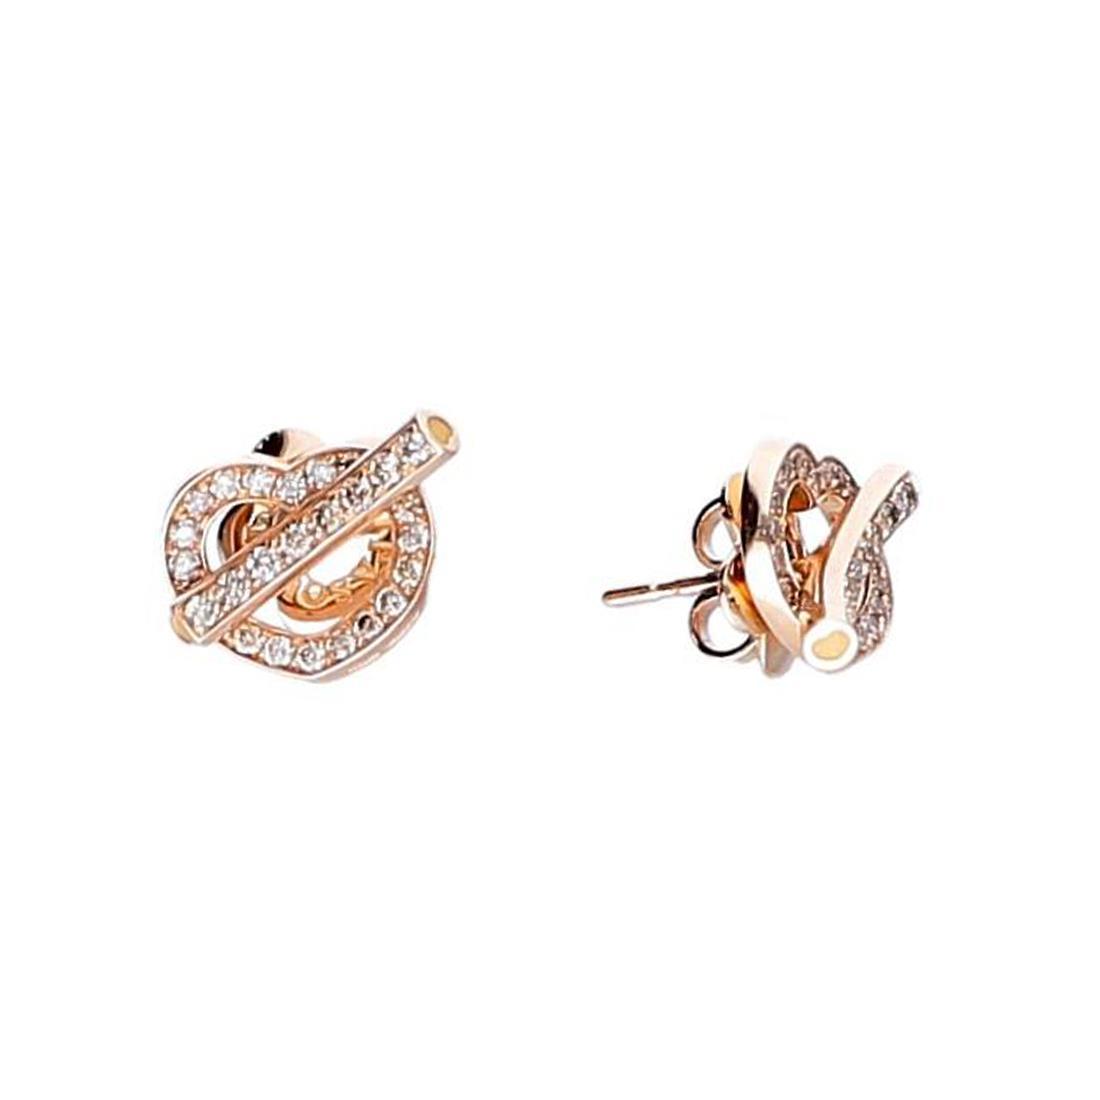 Orecchini Pasquale Bruni in oro rosso Cuore Make Love con diamanti cts 0,65 - PASQUALE BRUNI